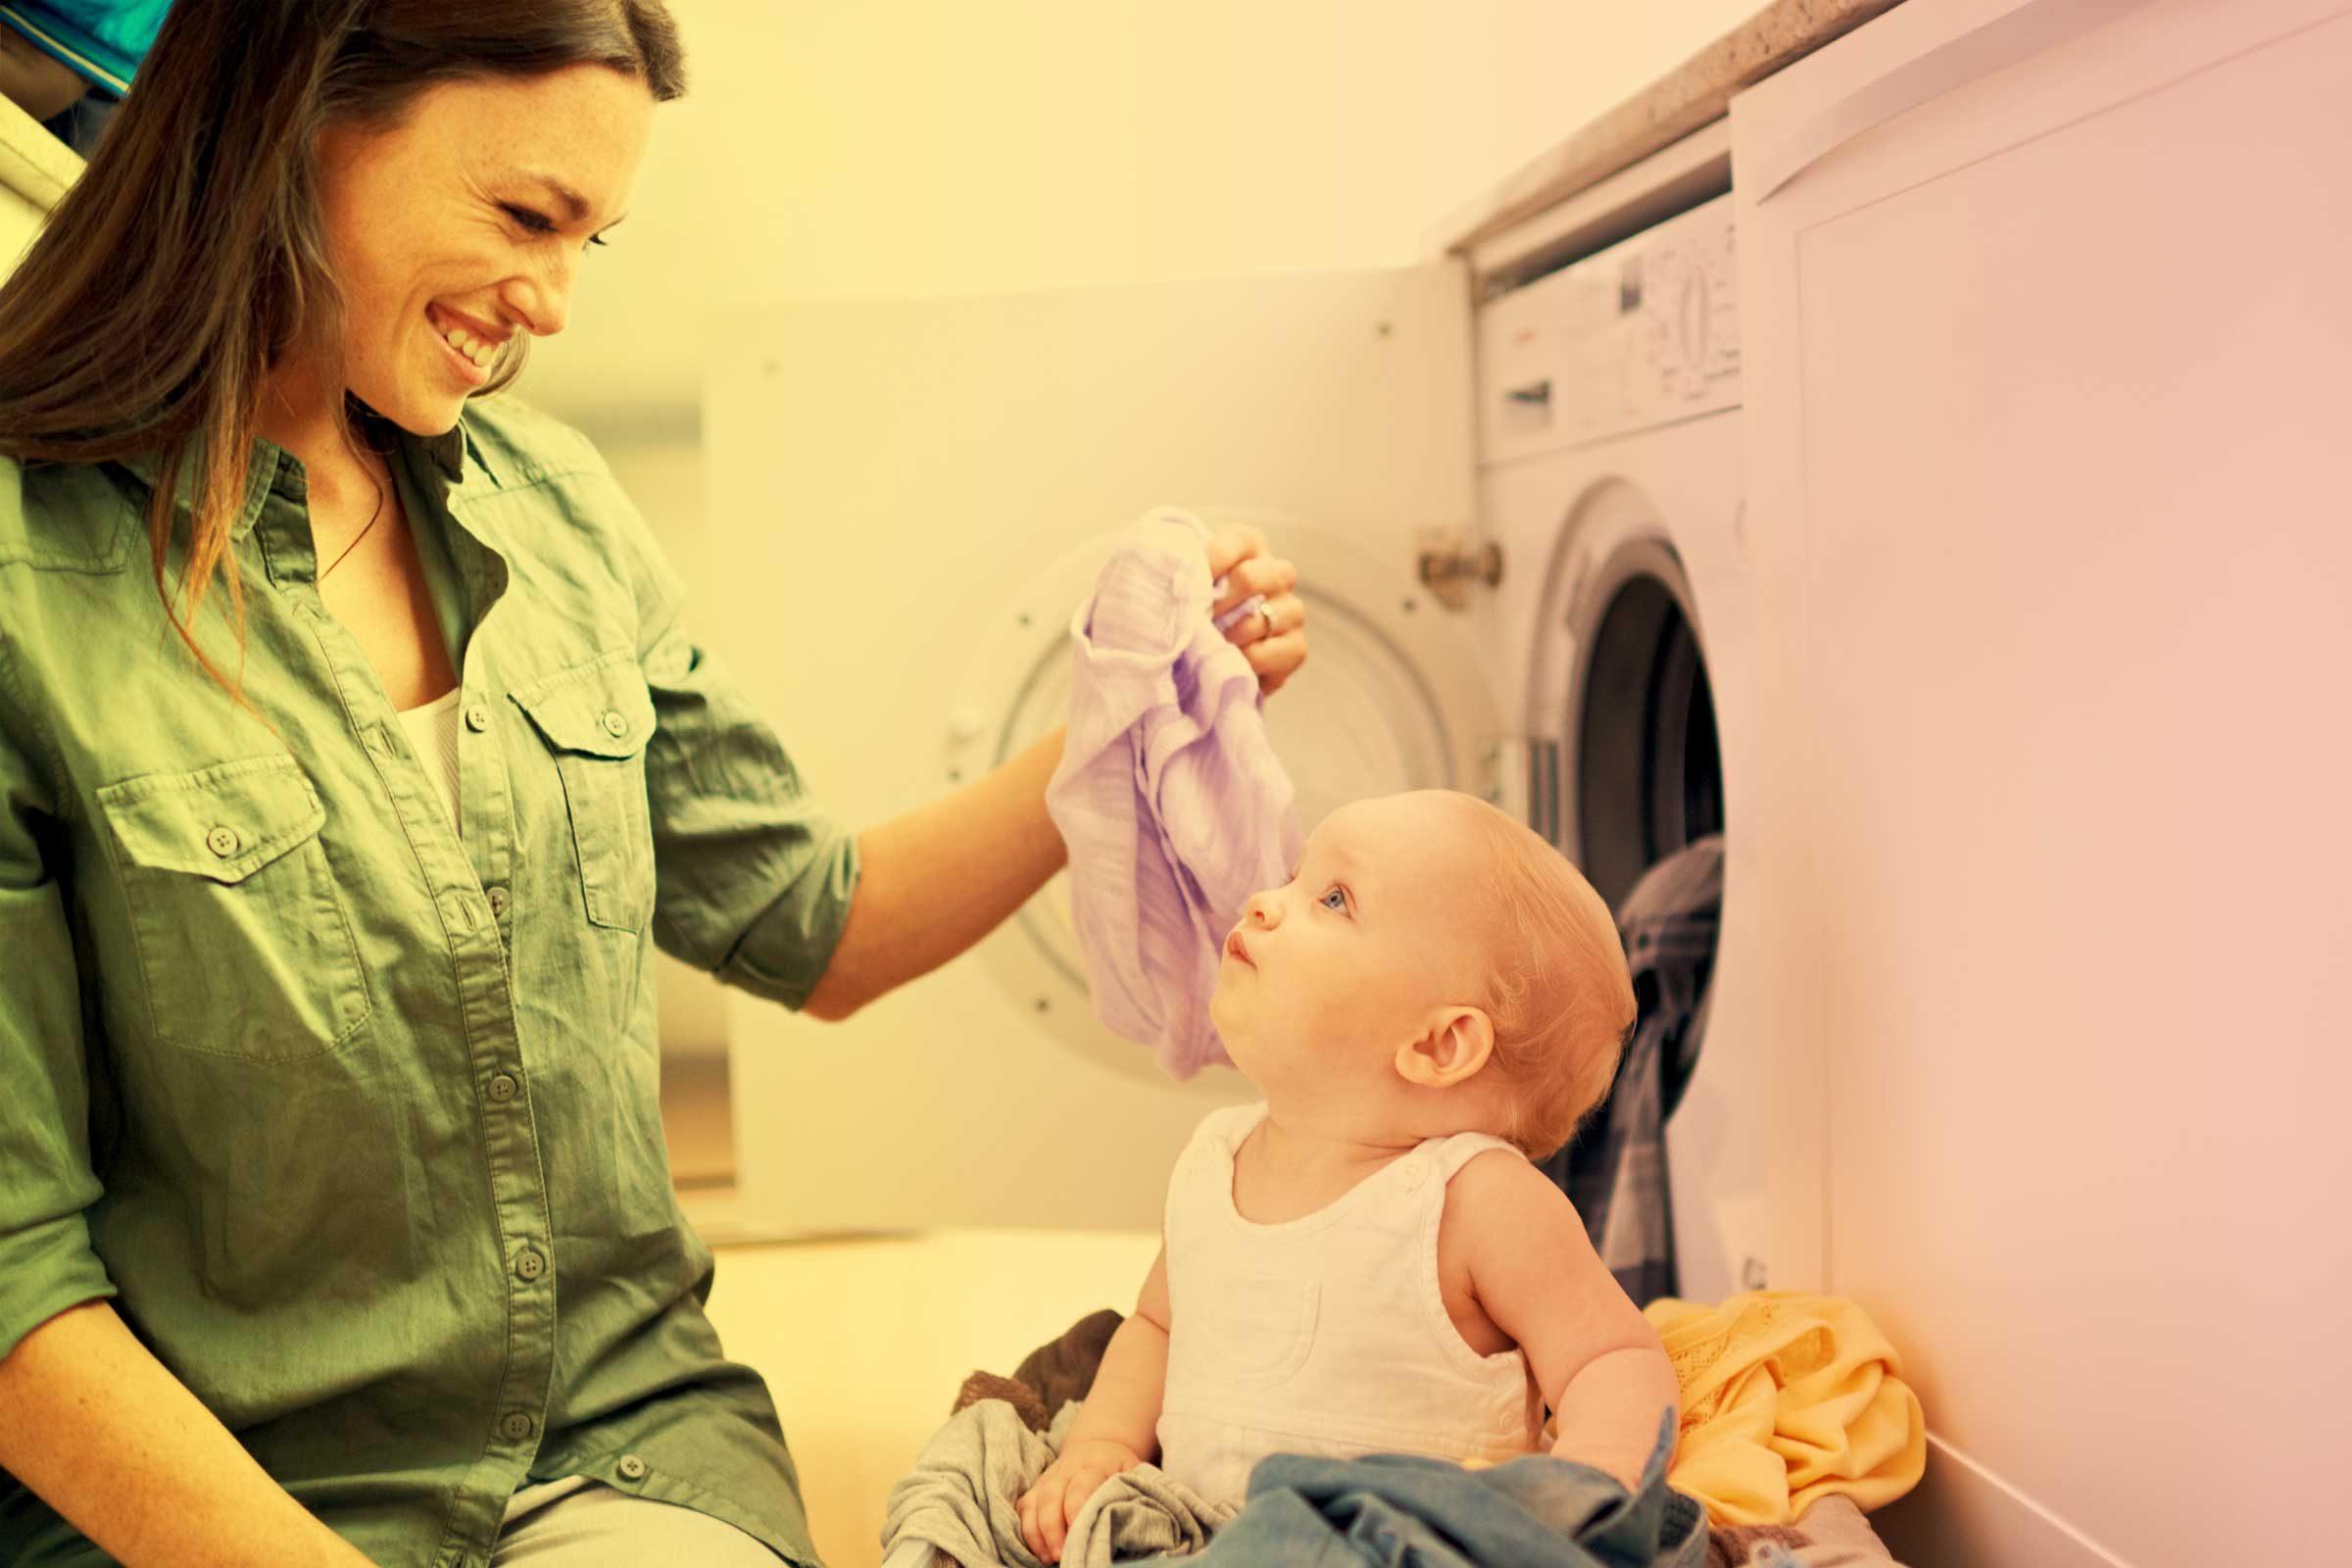 Pour une maison impeccable, il faut simplement nettoyer!